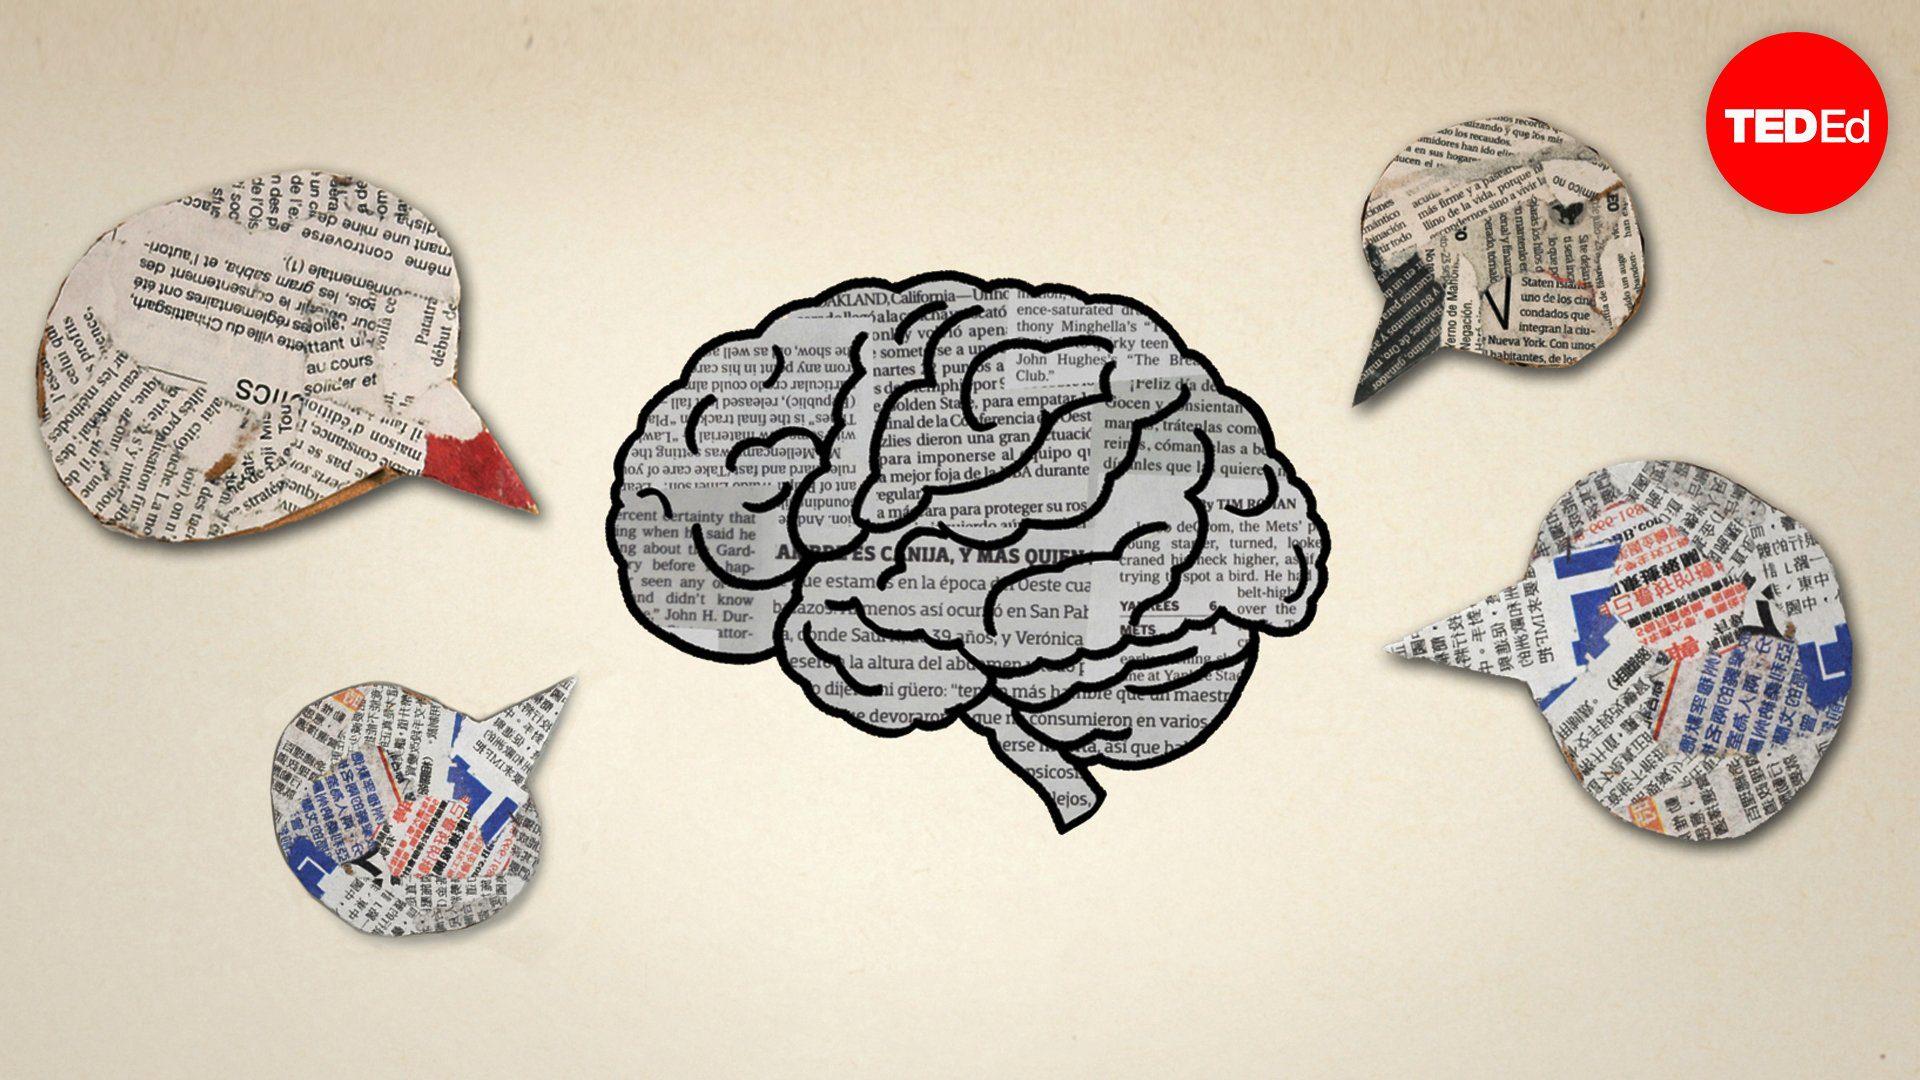 Η διγλωσσία ως ικανότητα του ατόμου και τα οφέλη της